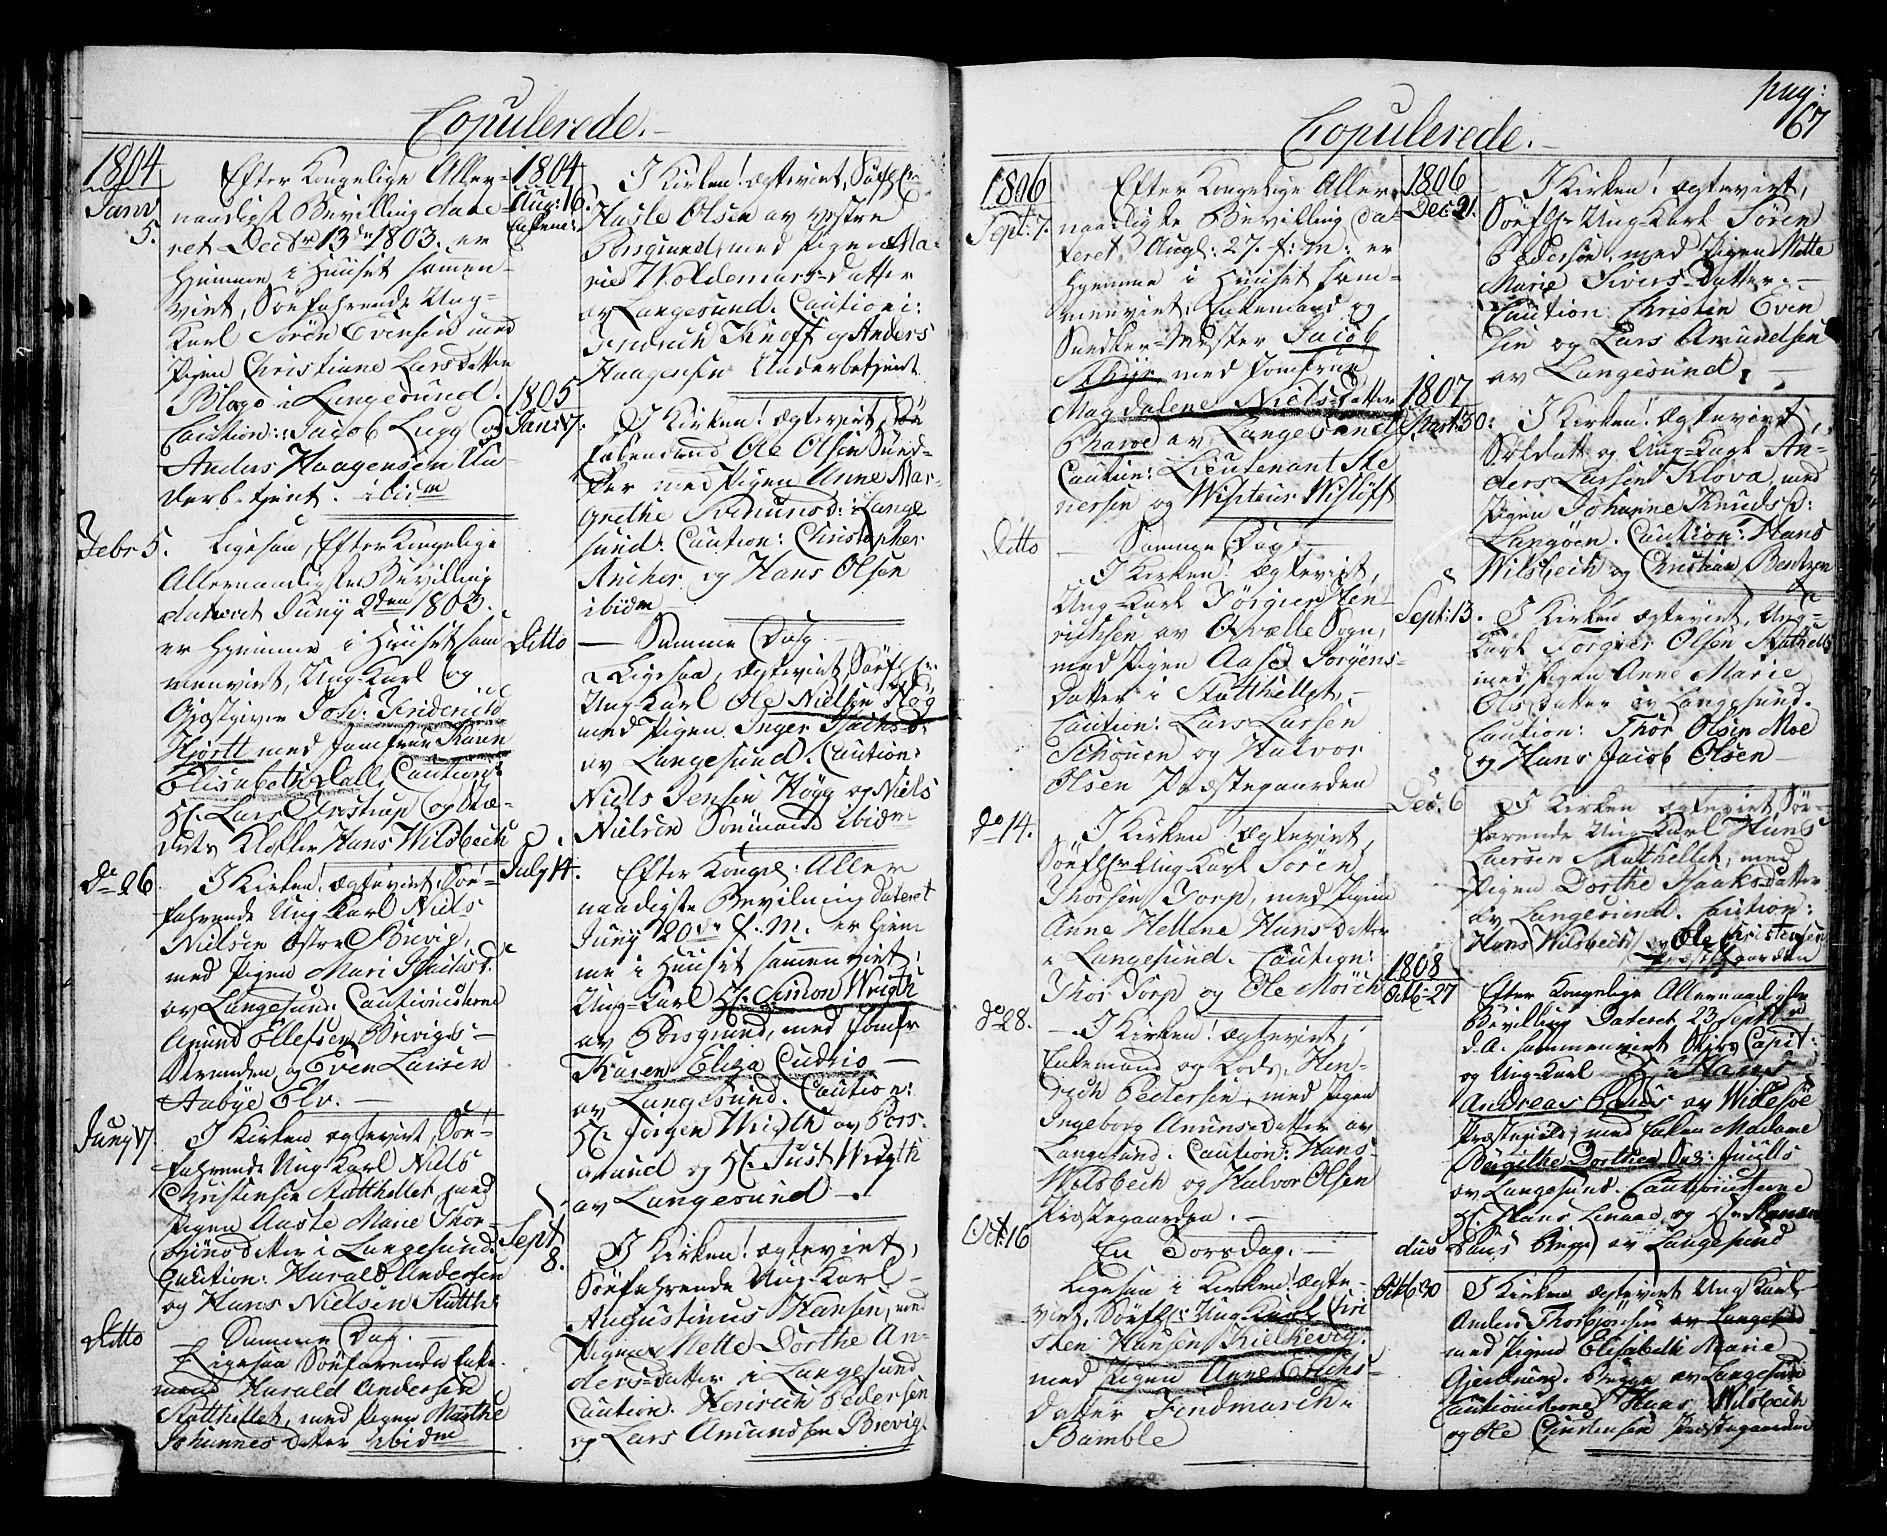 SAKO, Langesund kirkebøker, G/Ga/L0002: Klokkerbok nr. 2, 1801-1815, s. 67